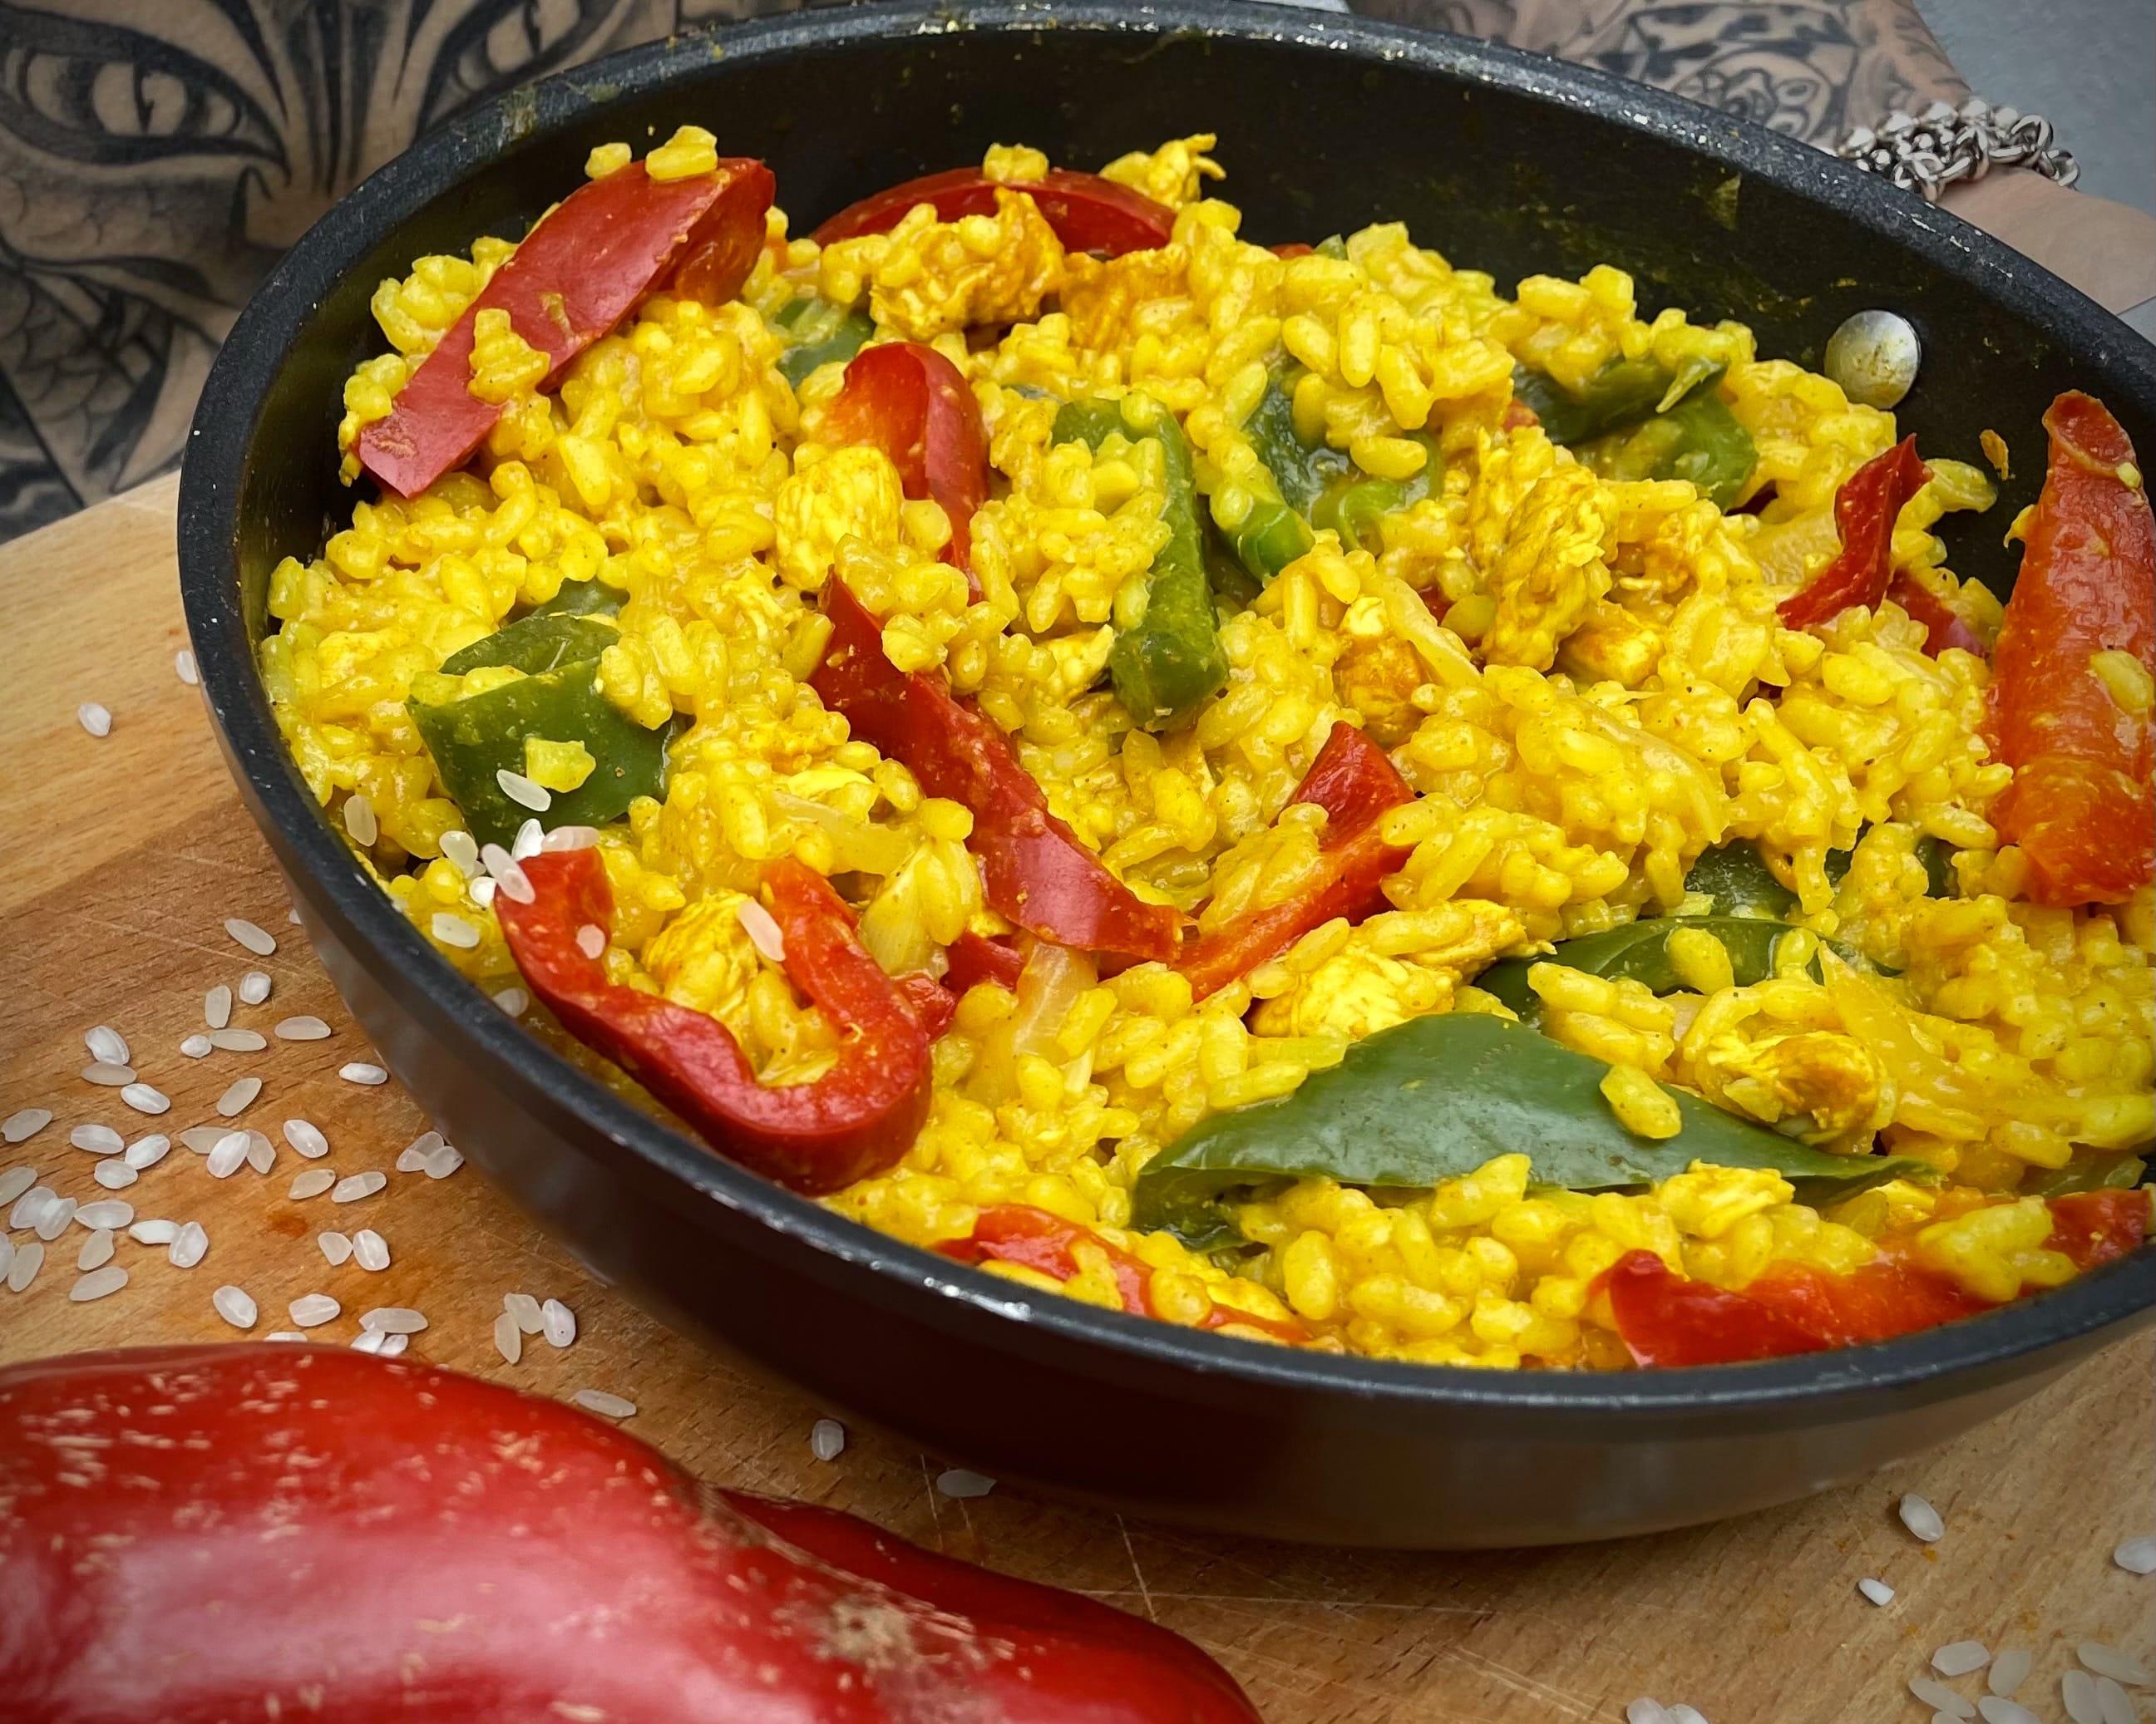 Dans un grand saladier se trouve le riz coloré par le curcuma. Les poivrons verts et rouges apportent une touche de couleur.